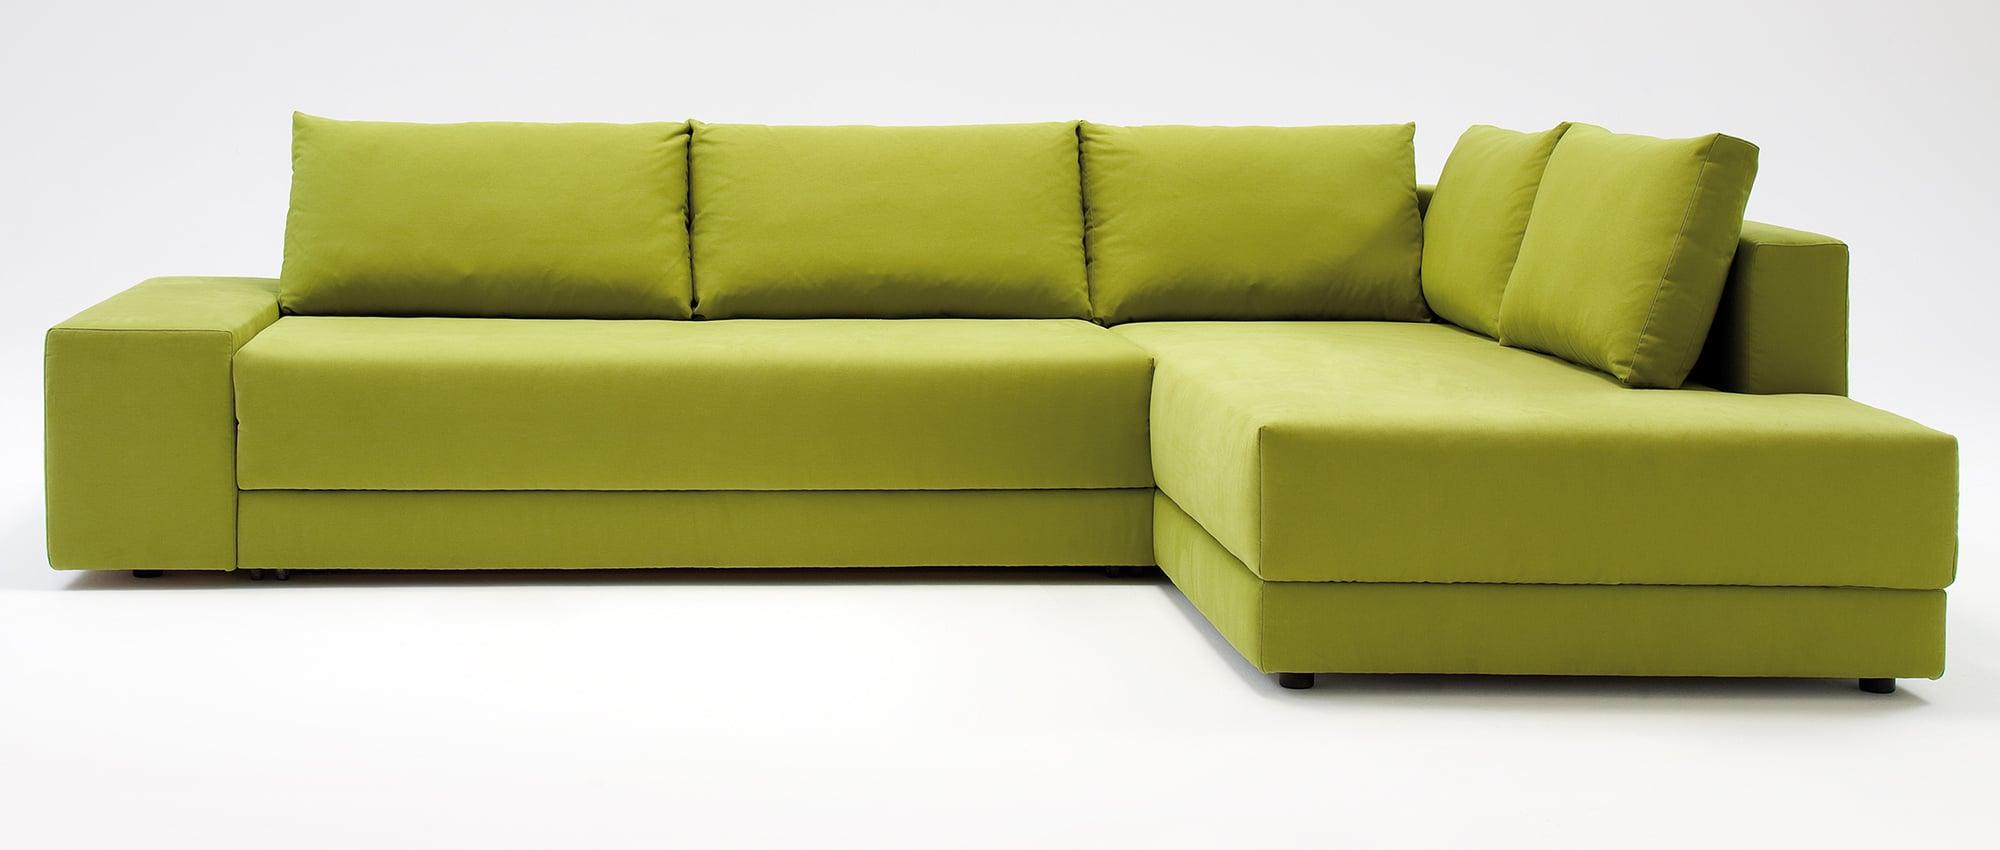 CONFETTO Eckschlafsofa mit Bettkasten in grün von Franz Fertig. Gästebett für 2 Personen. Sofa mit Bettfunktion.